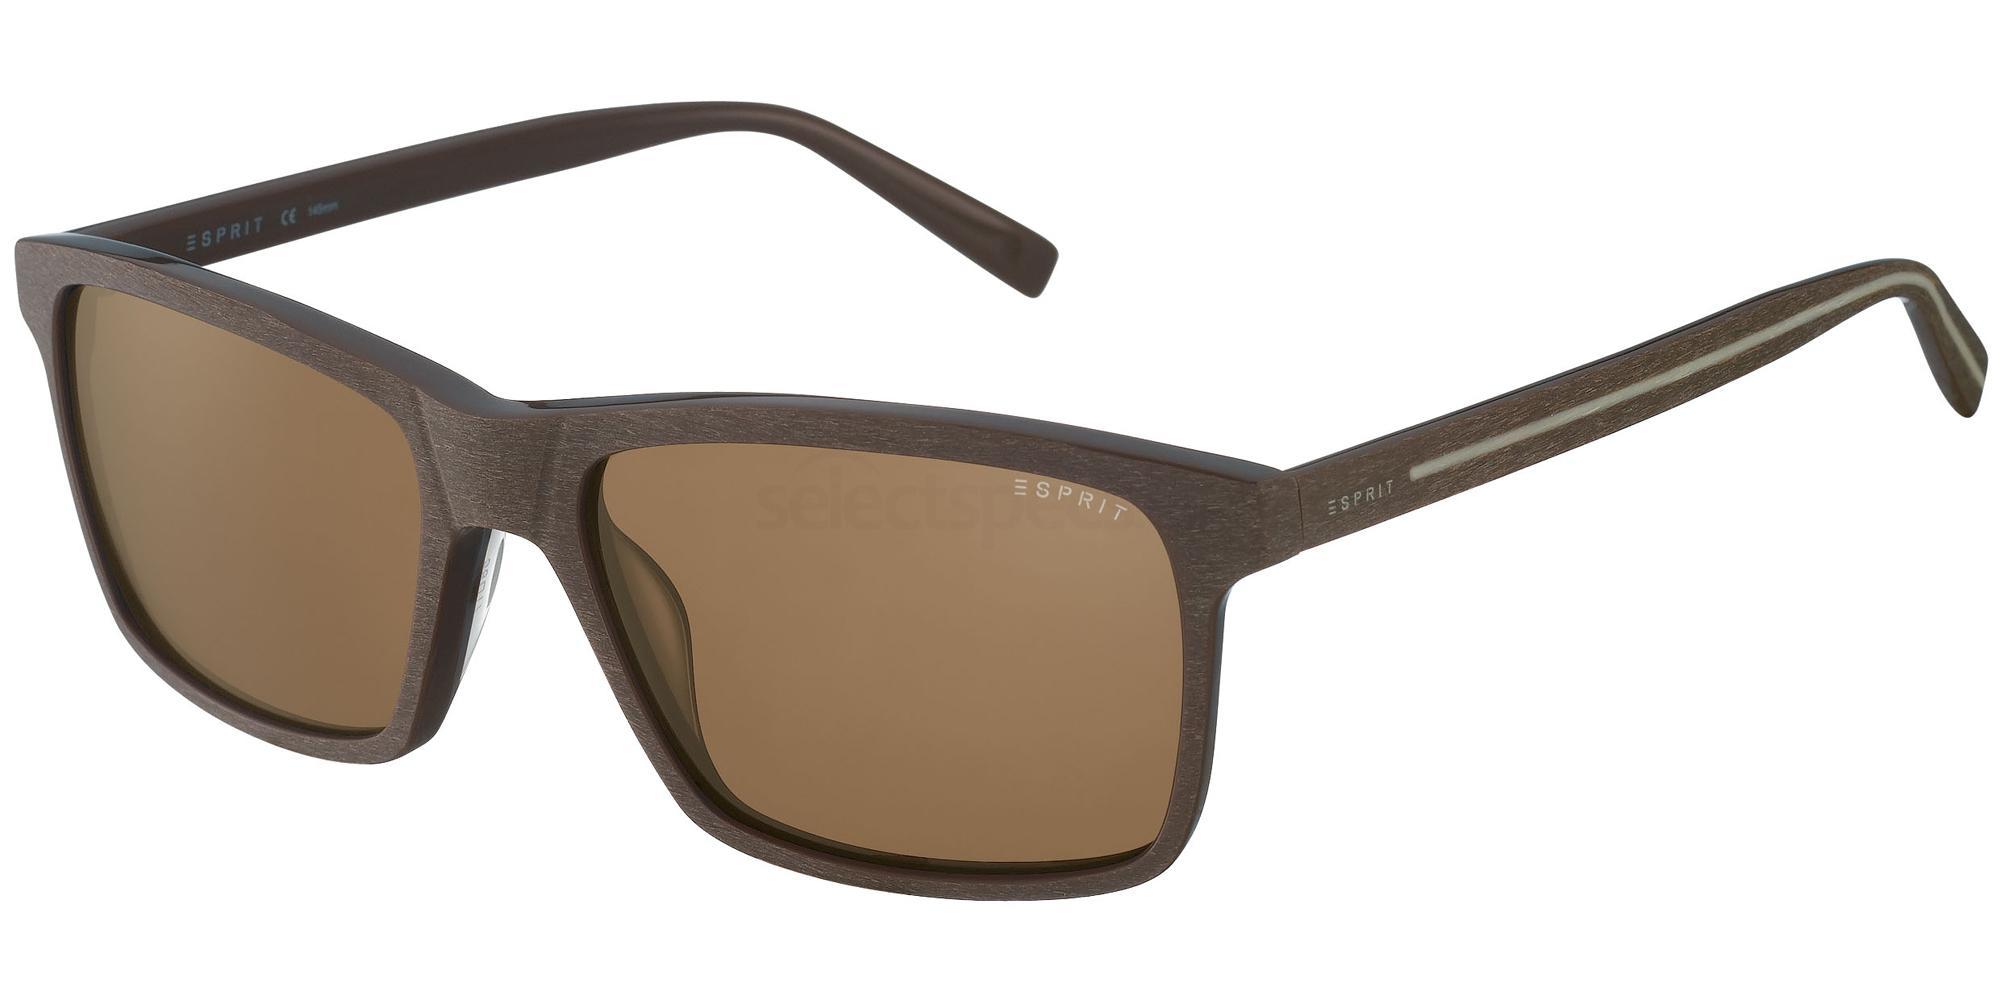 535 ET17891 Sunglasses, Esprit